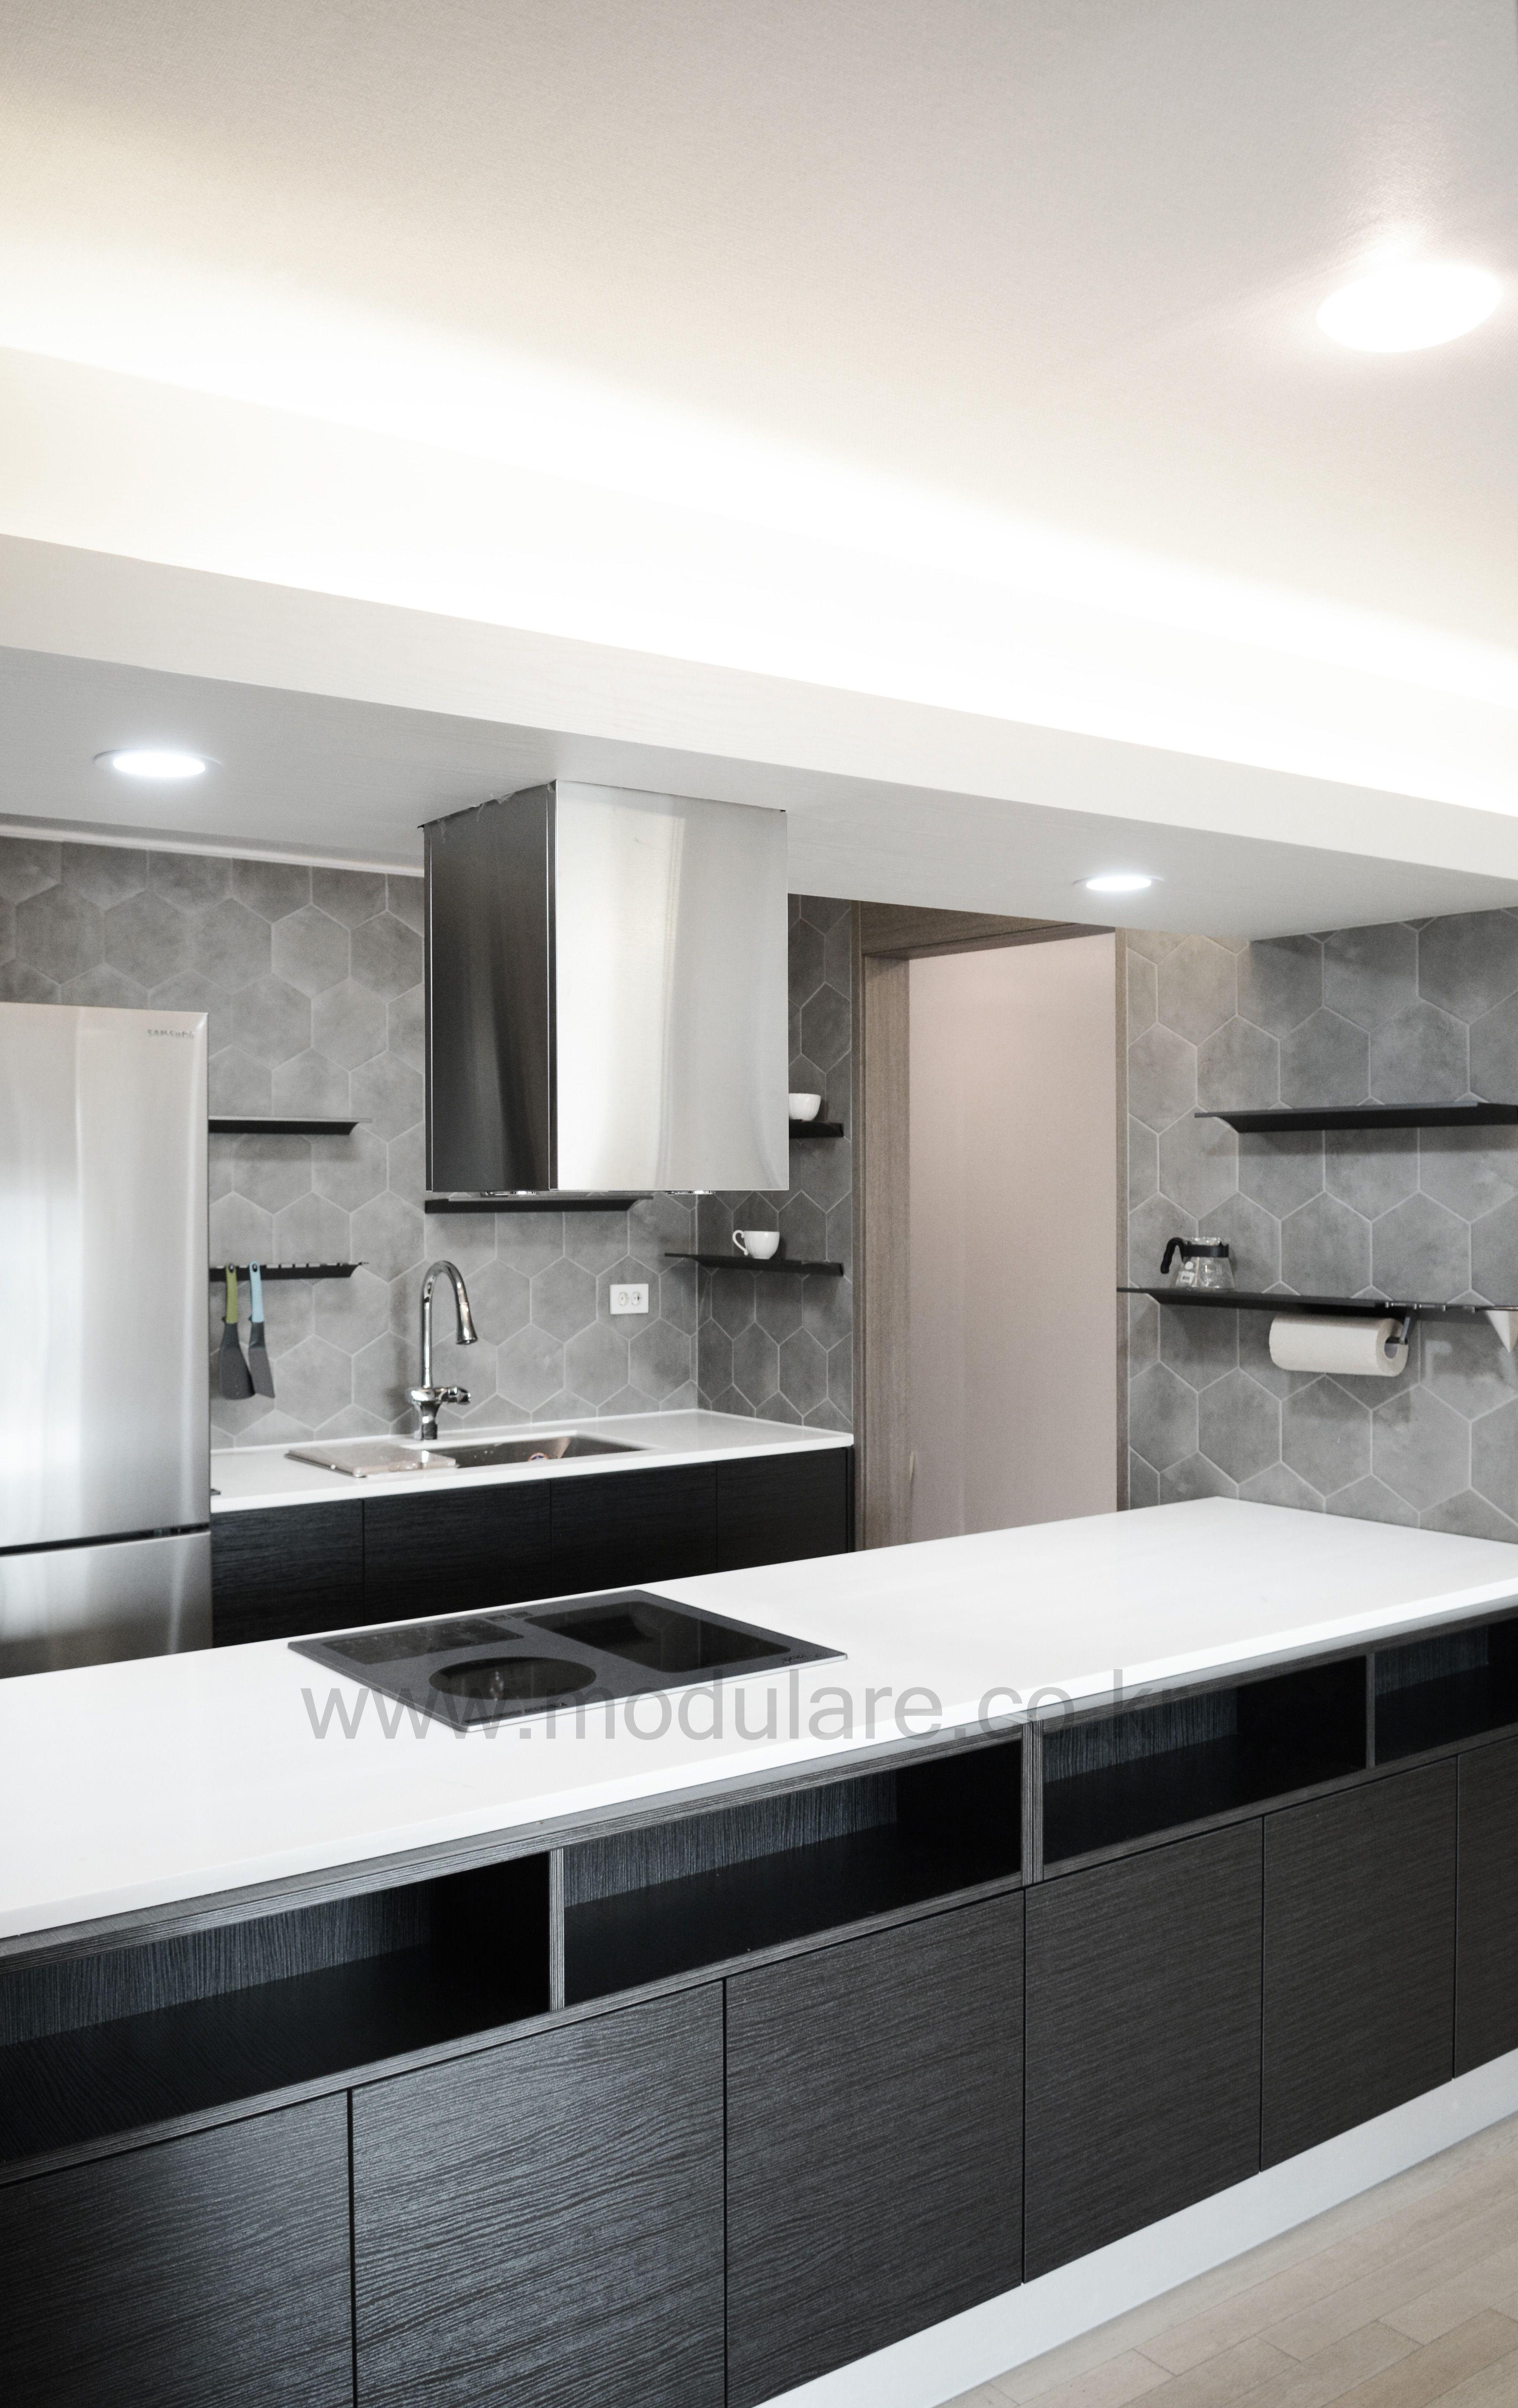 Best Black Kitchen Kitchen Interior Modulare 주방 인테리어 640 x 480